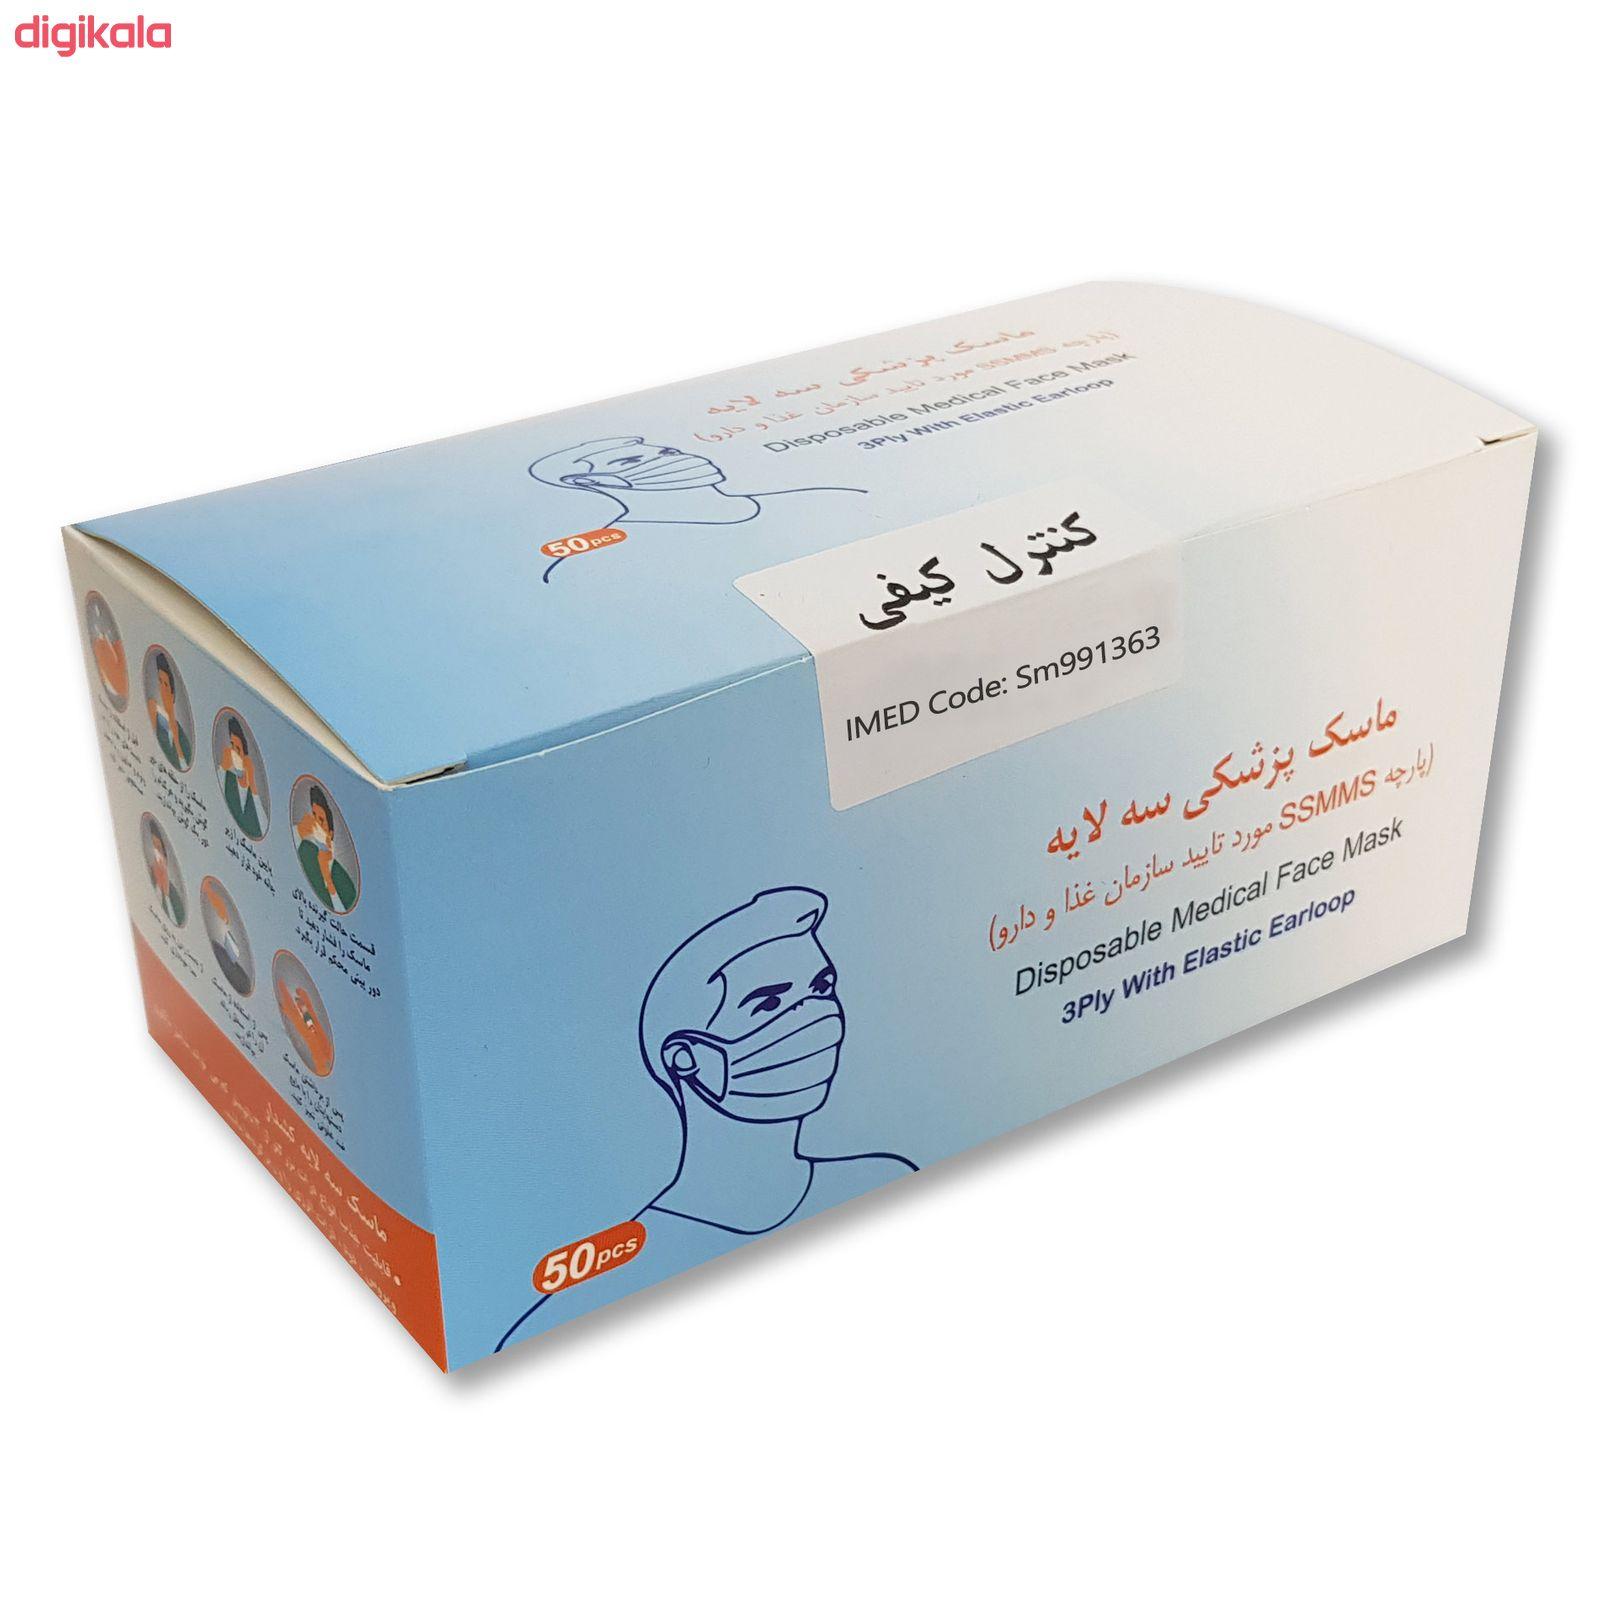 ماسک تنفسی مدل SSMMS-4 بسته 50 عددی main 1 4